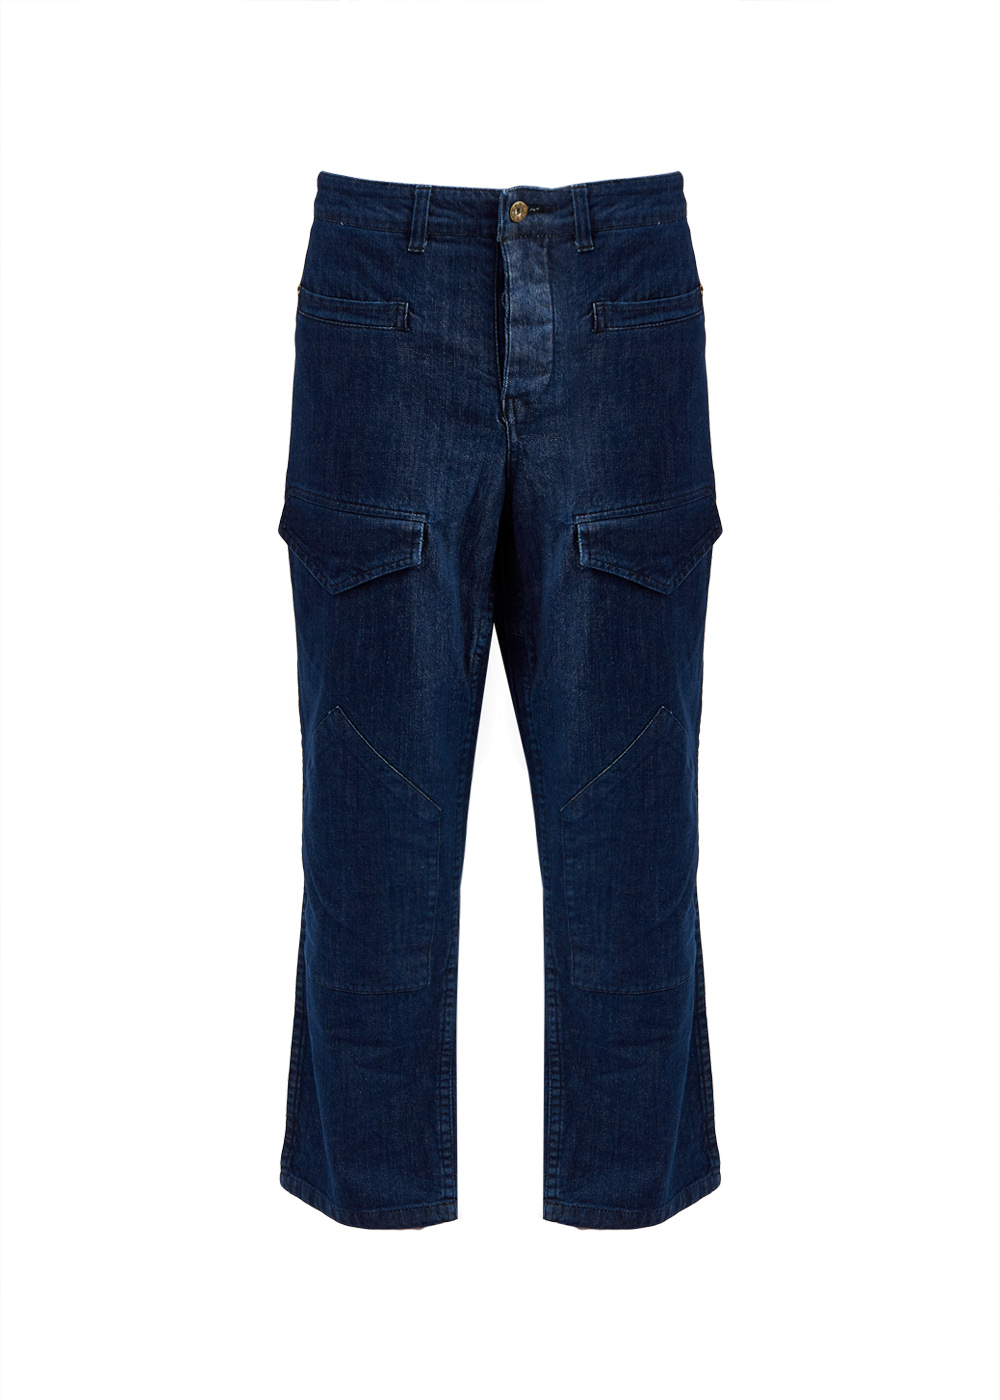 Купить OLOVO джинсы